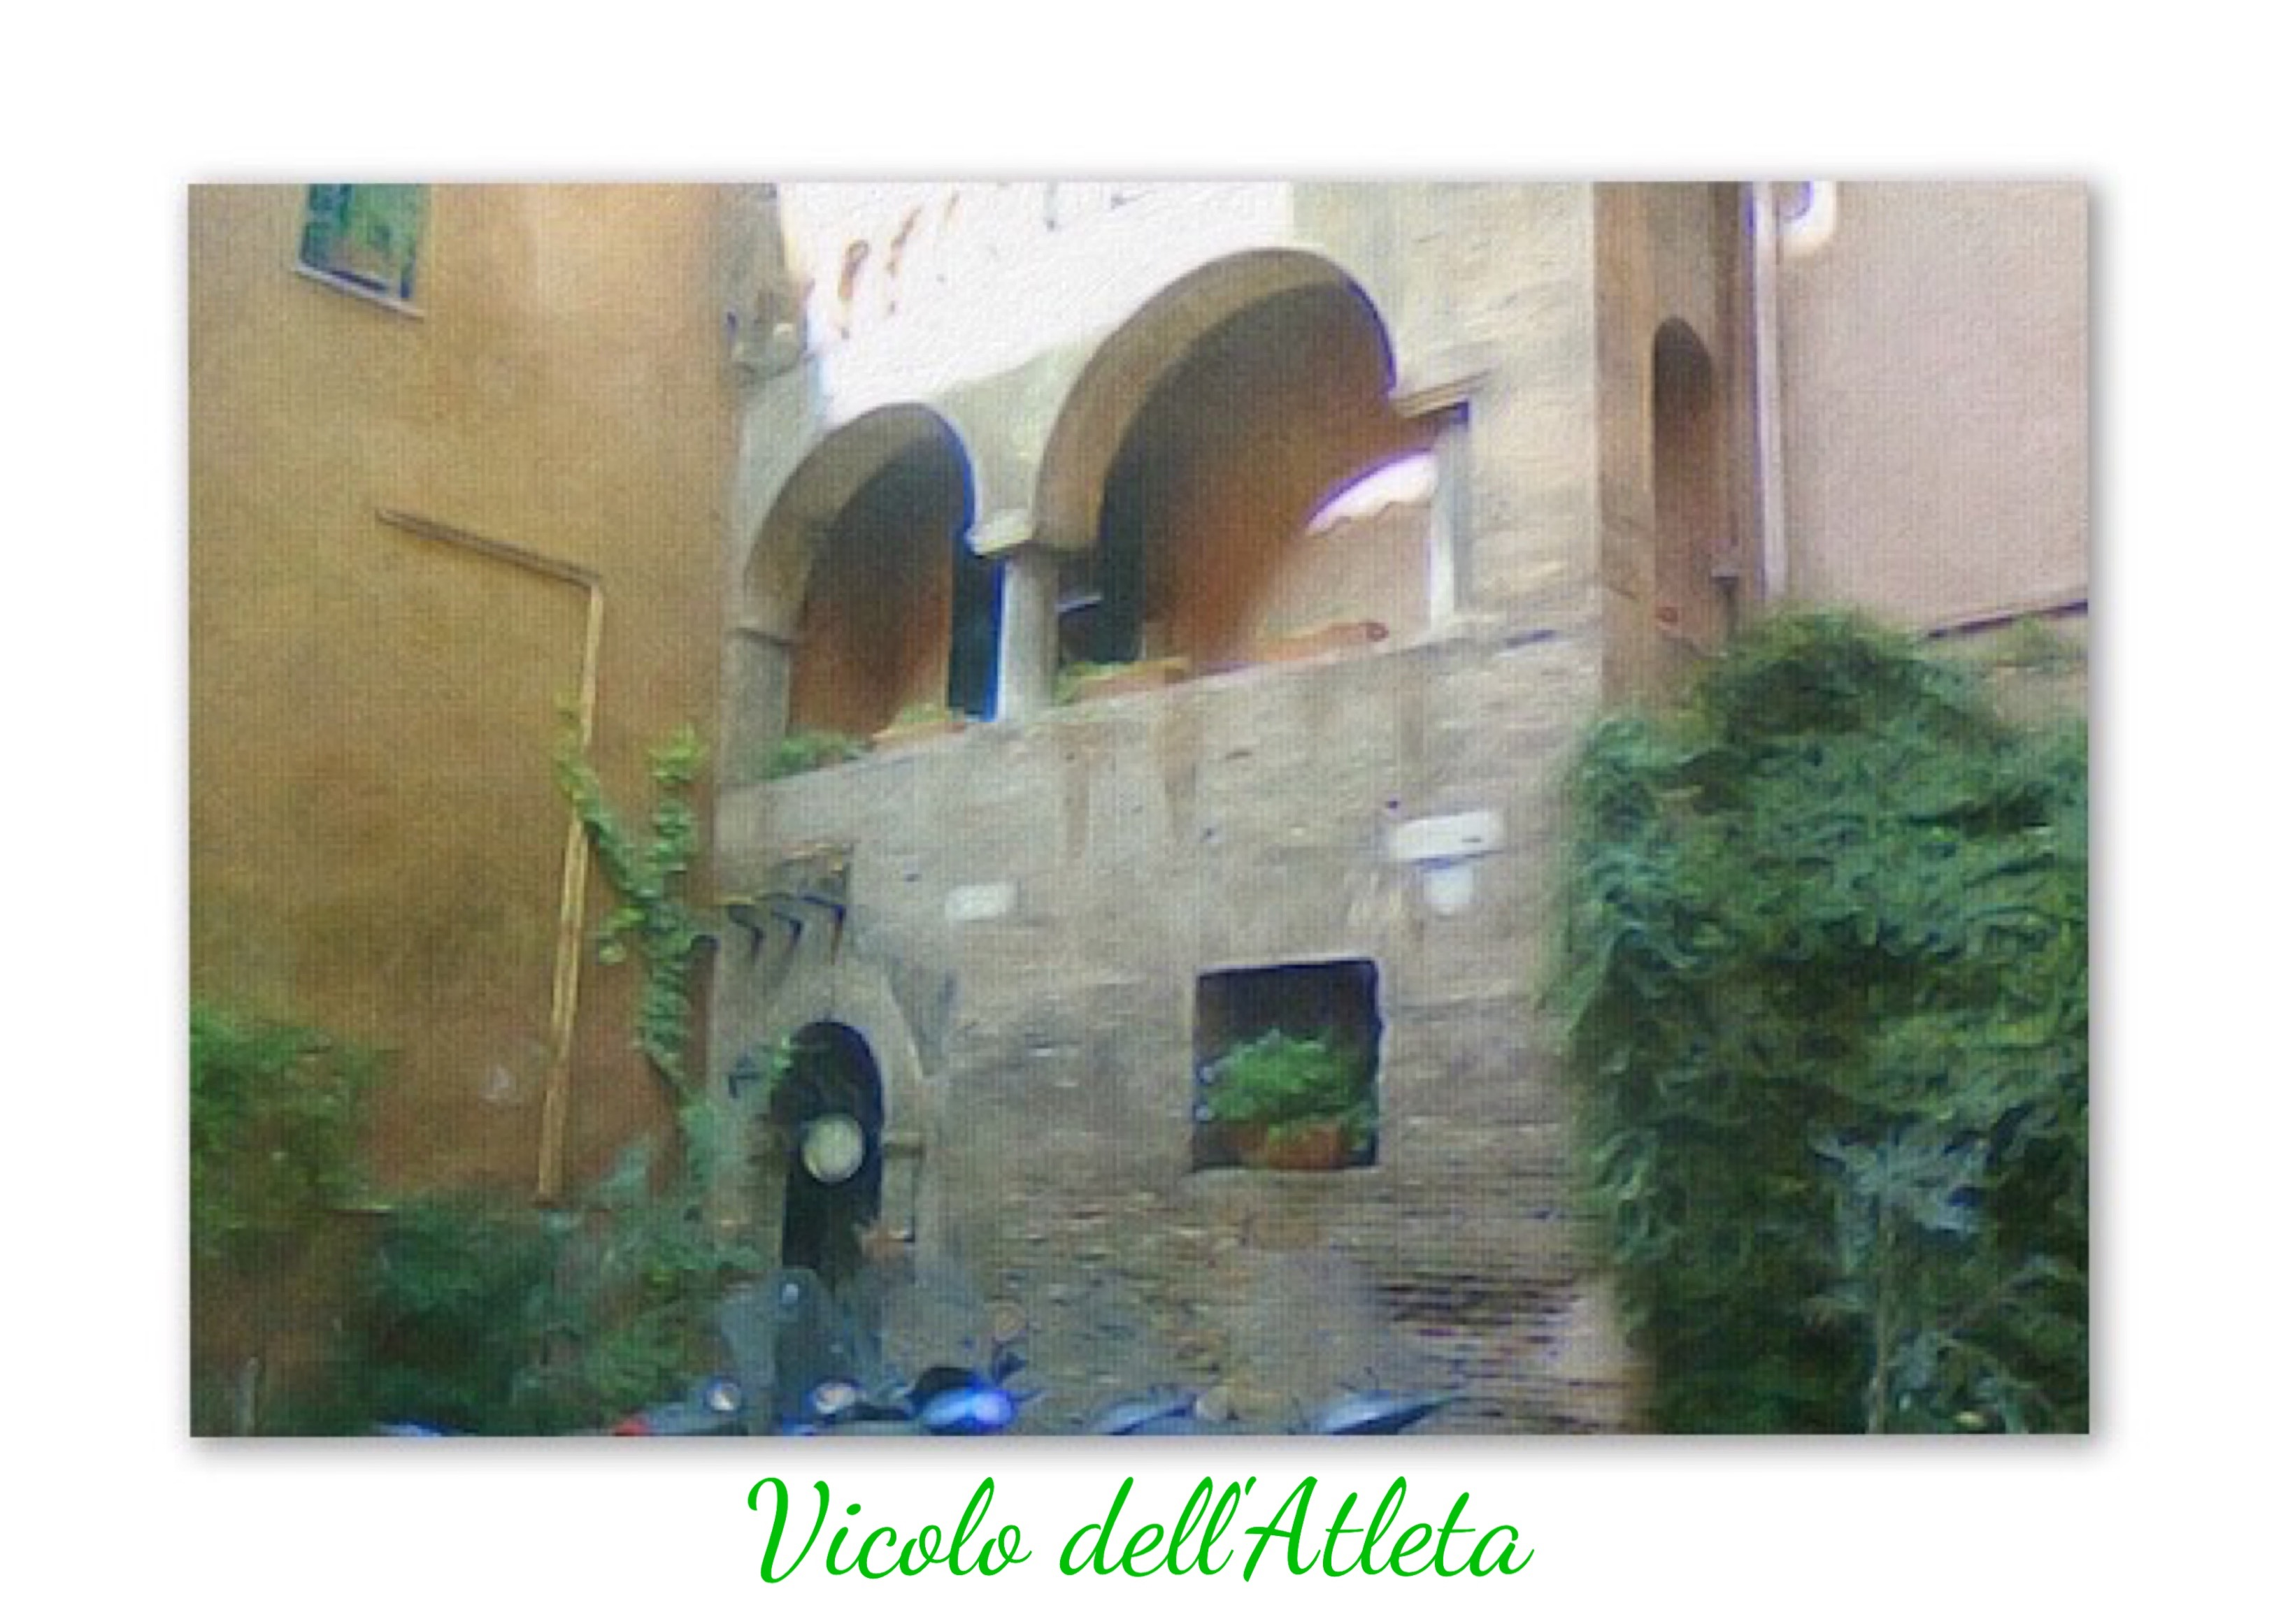 Vicolo dell'Atleta, Roma